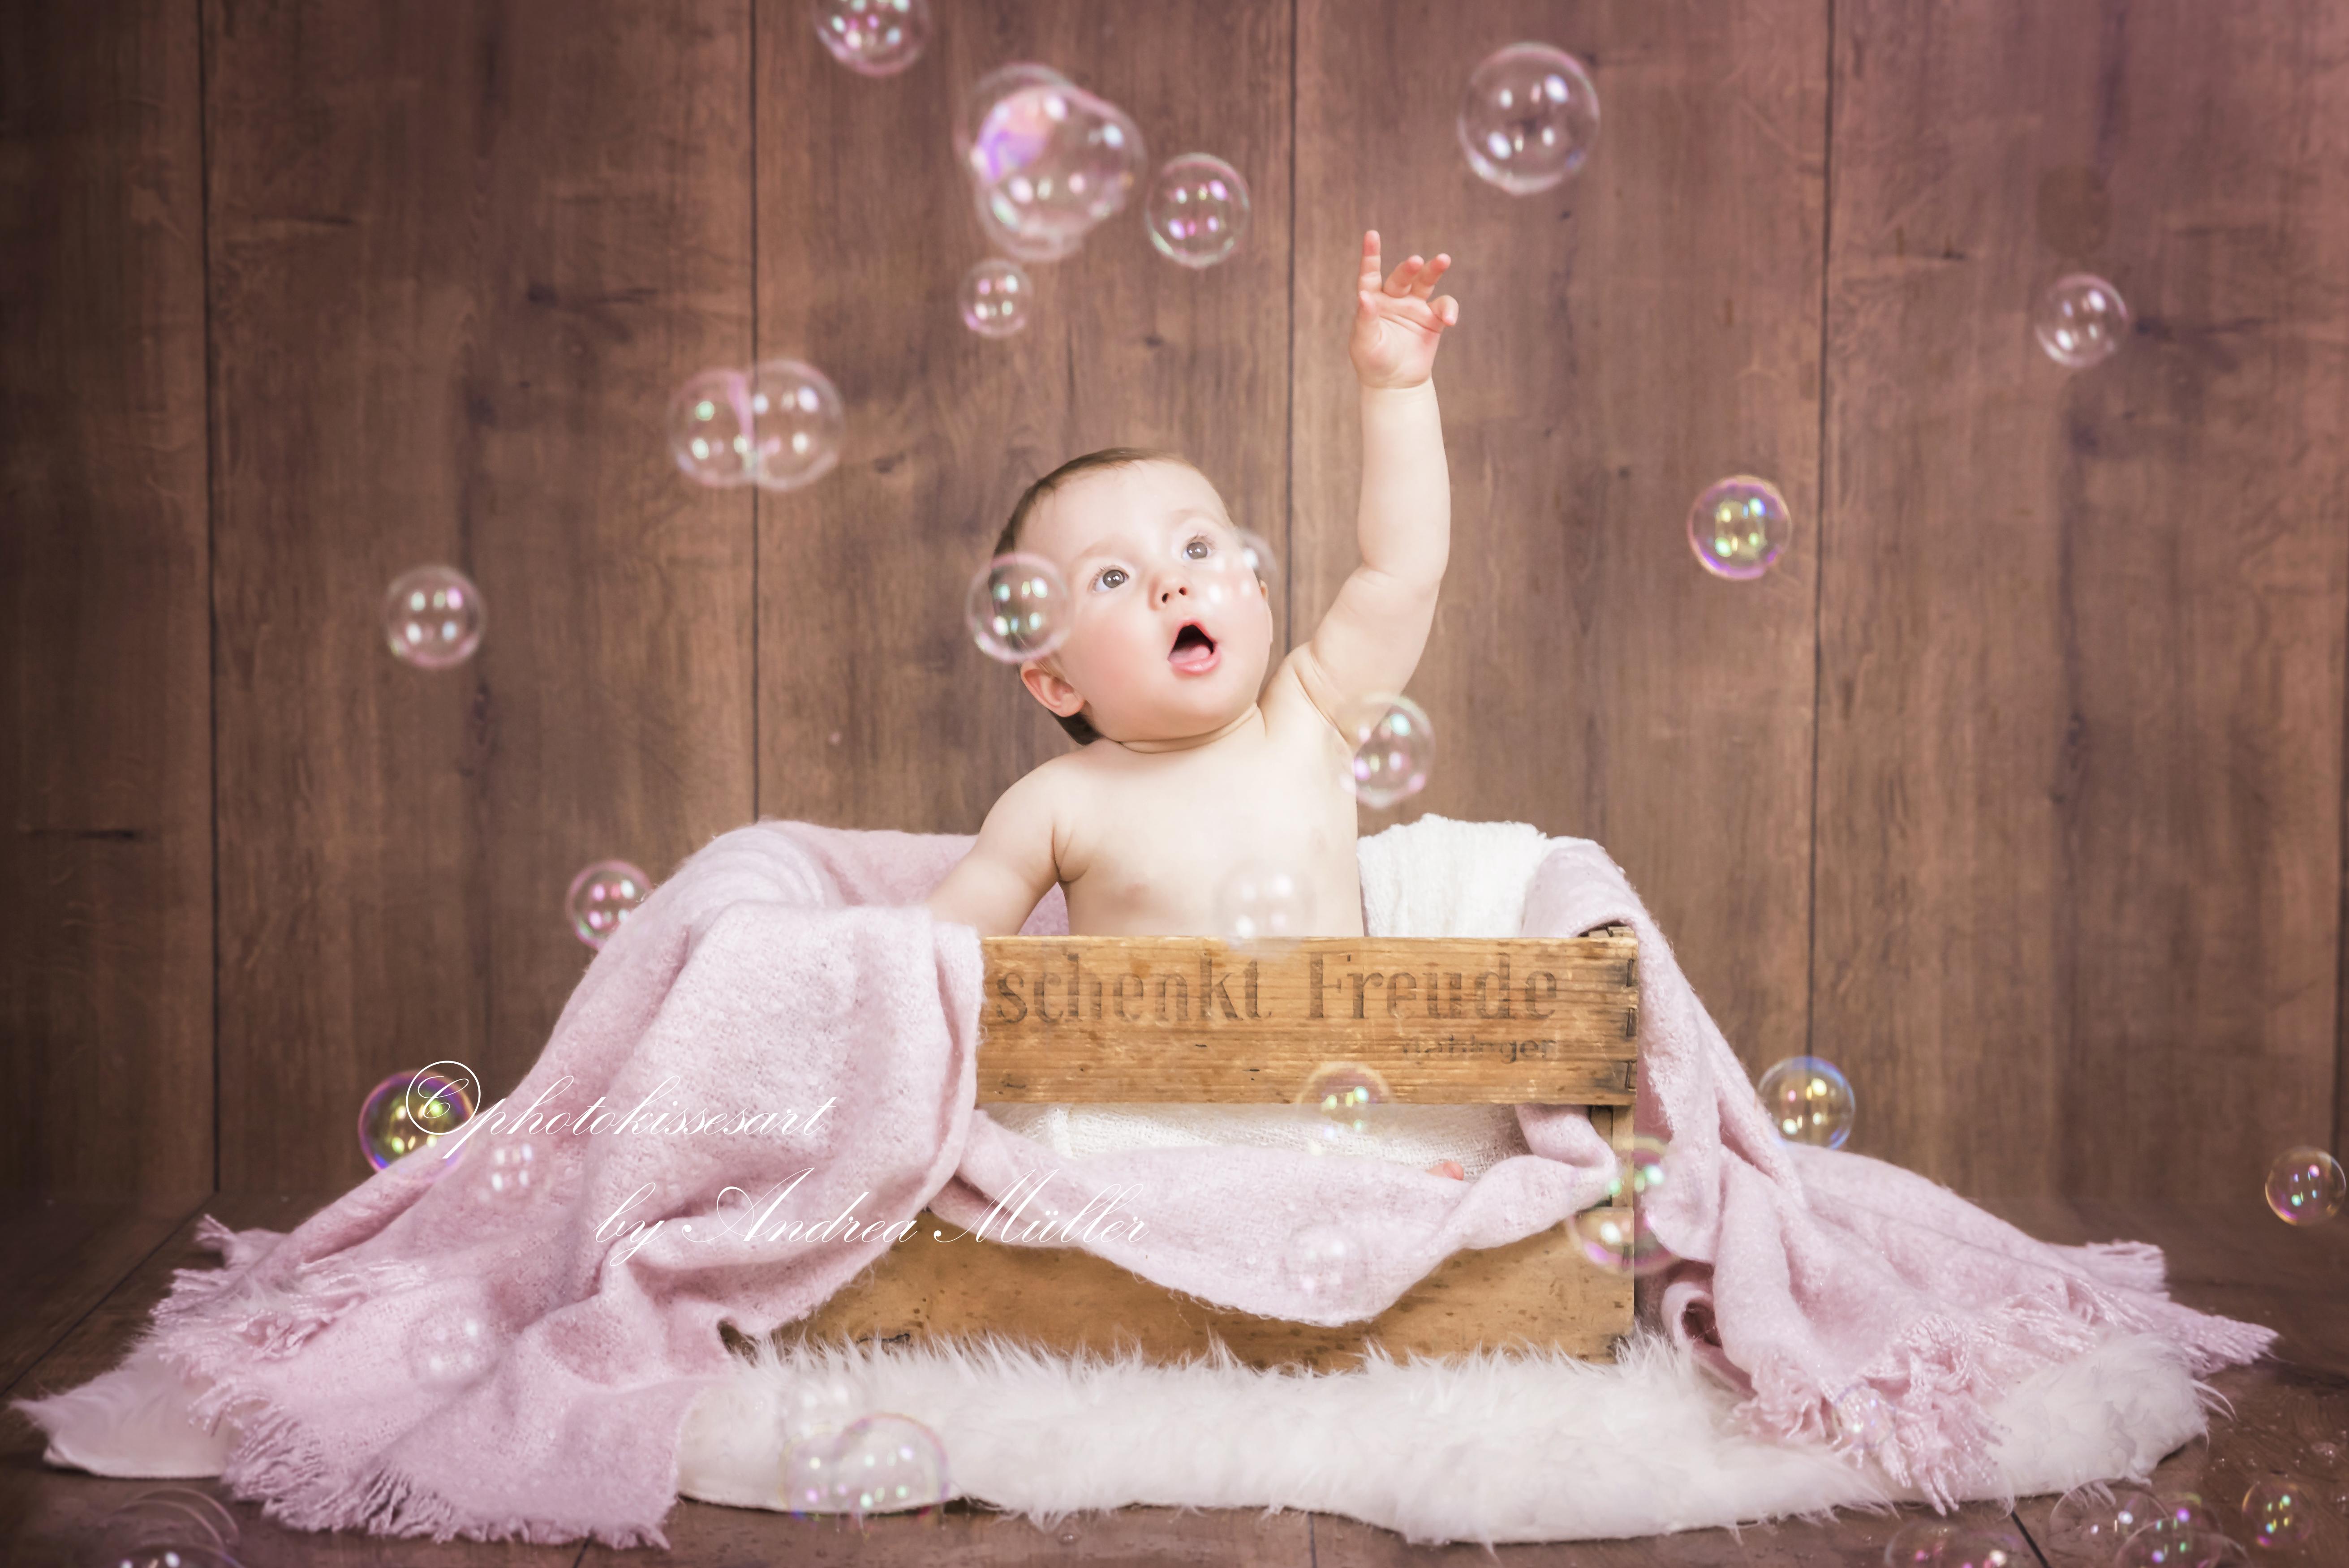 Babyfoto Andrea Mueller Langenfeld10 .jpg